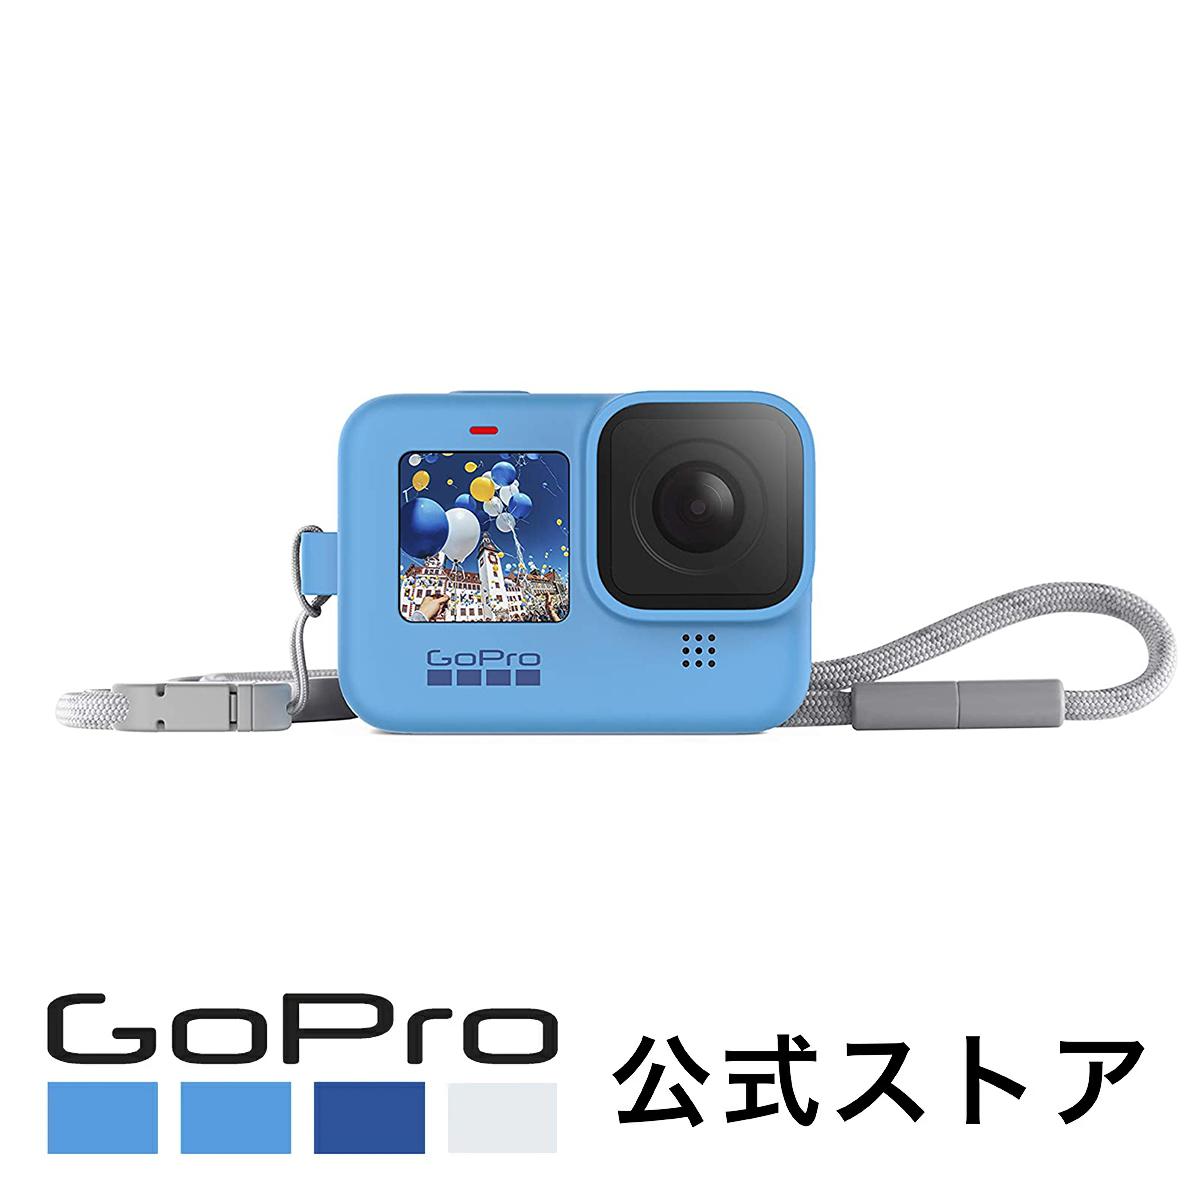 高級感あふれるシリコンスリーブでカスタマイズ GoPro公式 ゴープロ 安心の定価販売 スリーブランヤード スーパーセール ブルー ADSST-003 HERO9 国内正規品 for